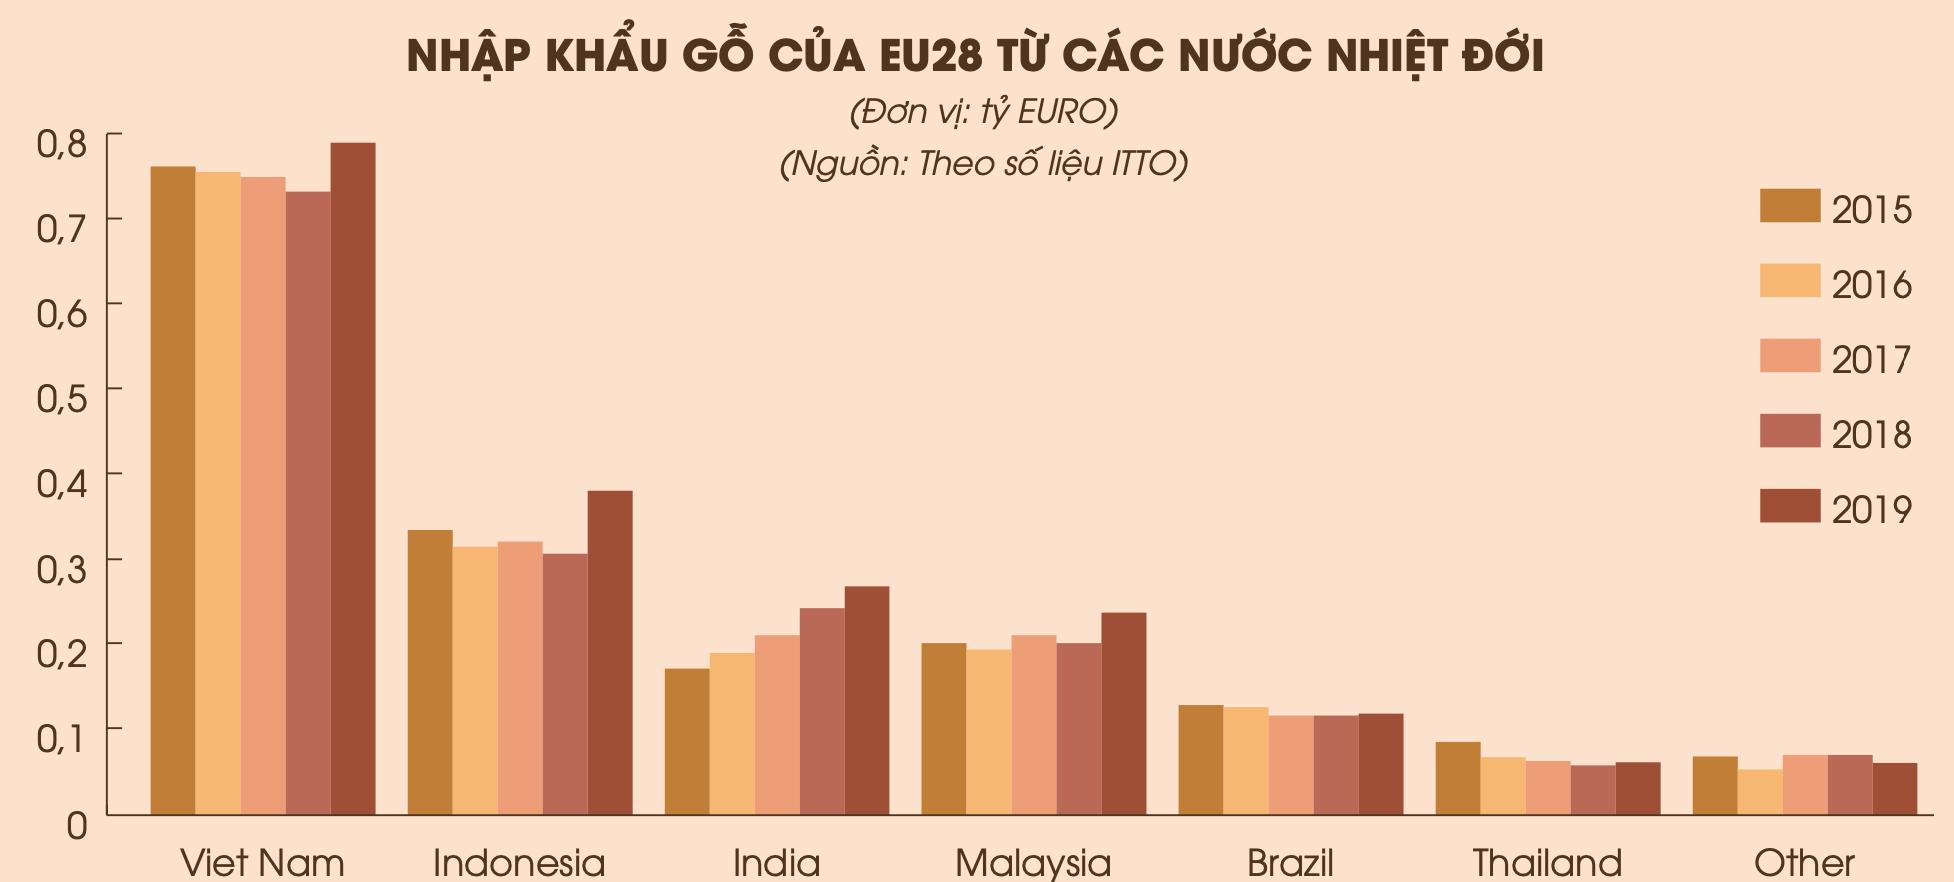 Nguồn: Vụ Thị trường châu Âu - châu Mỹ